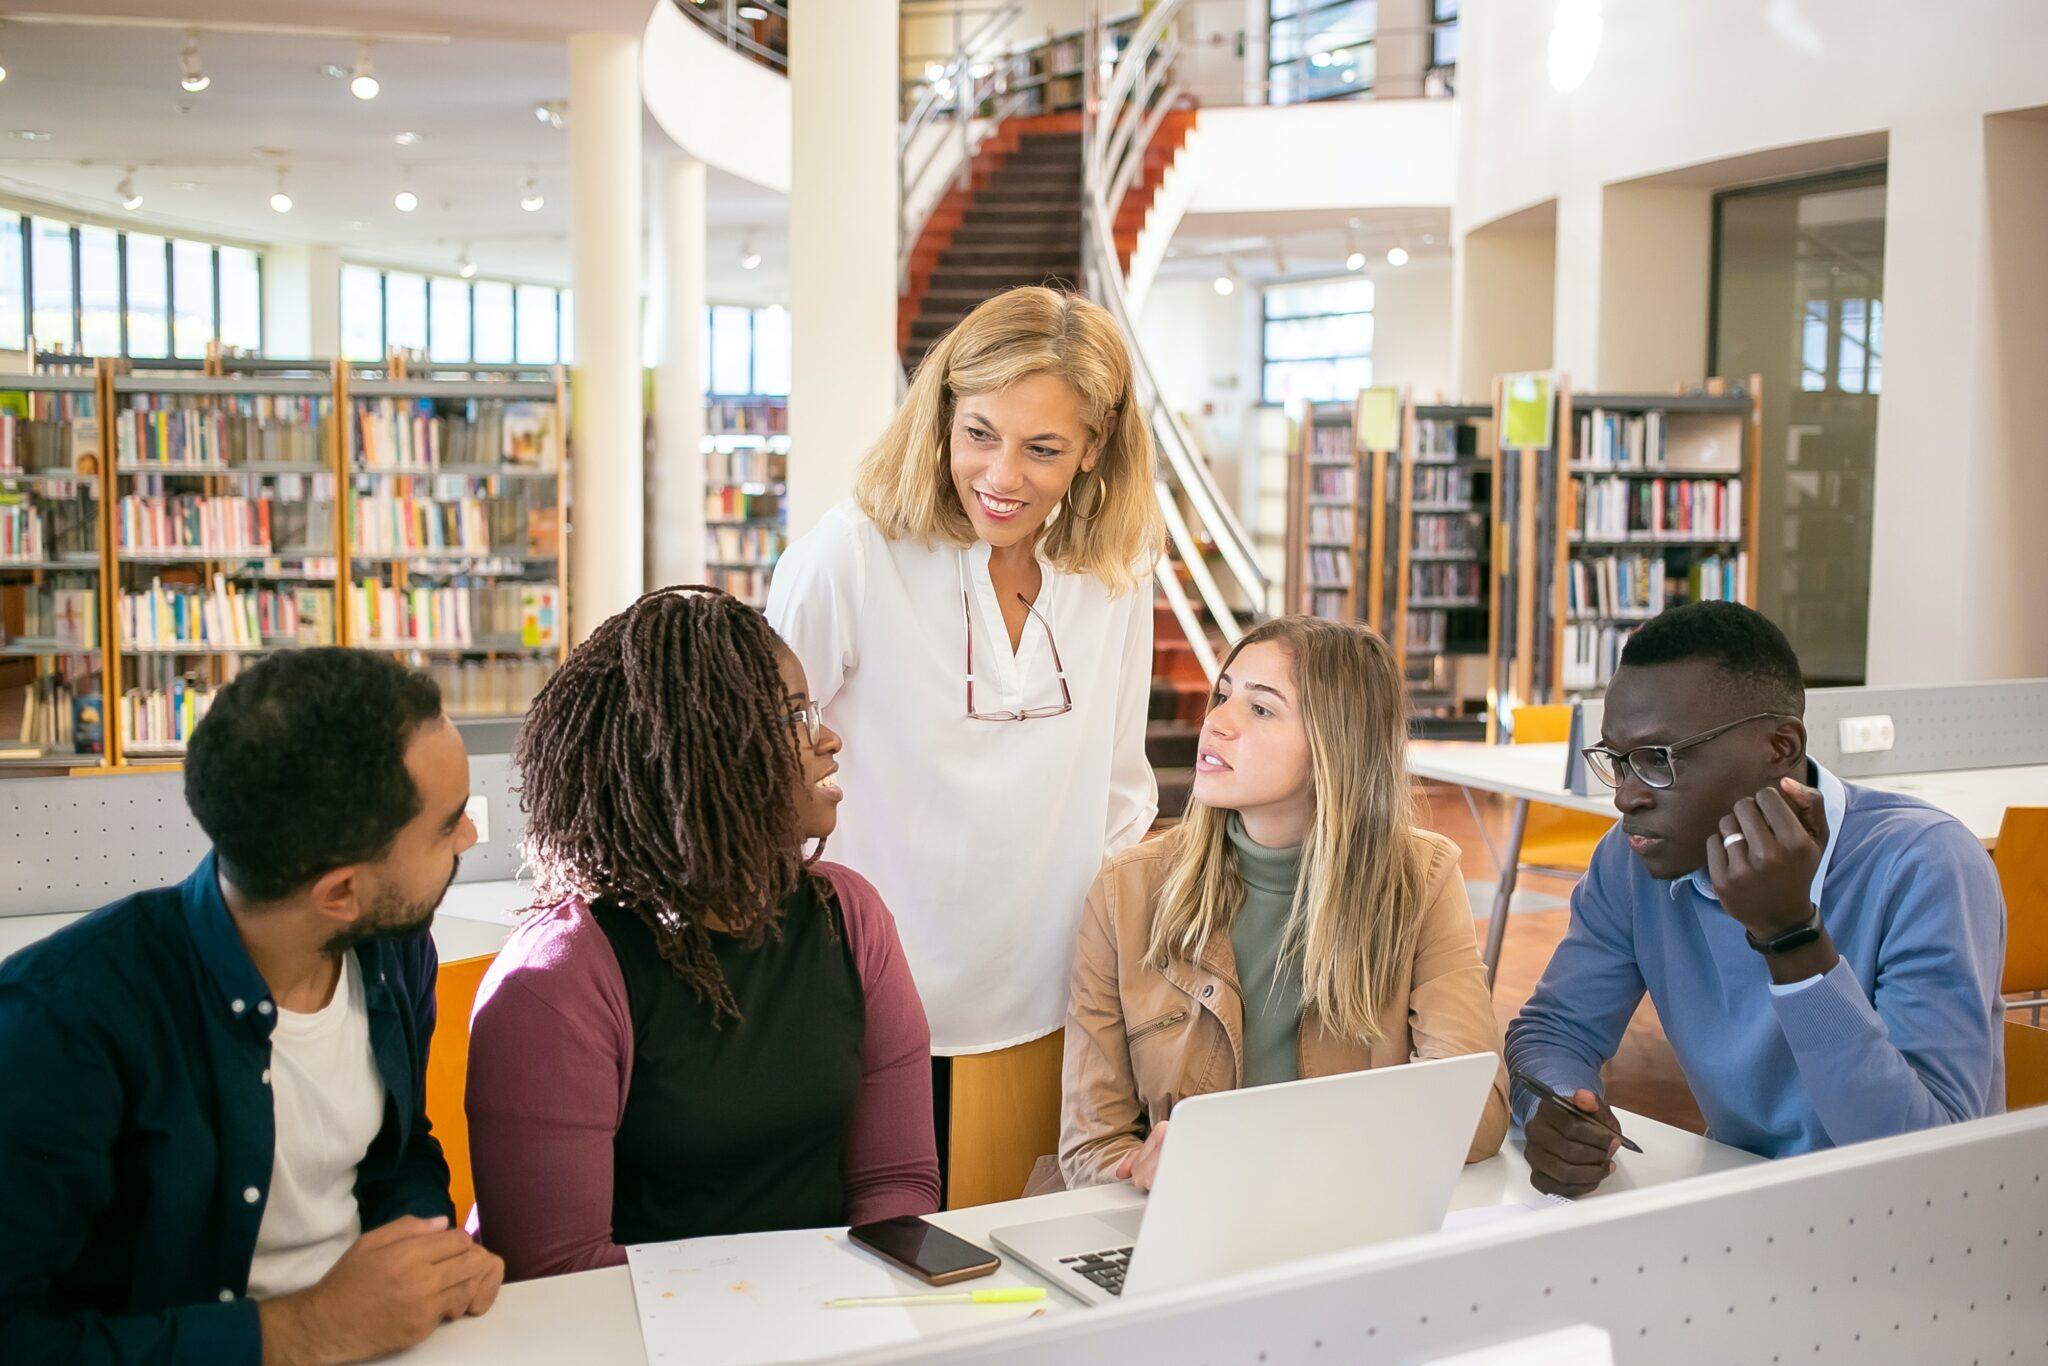 diverse Lerngruppe in einer Bibliothek